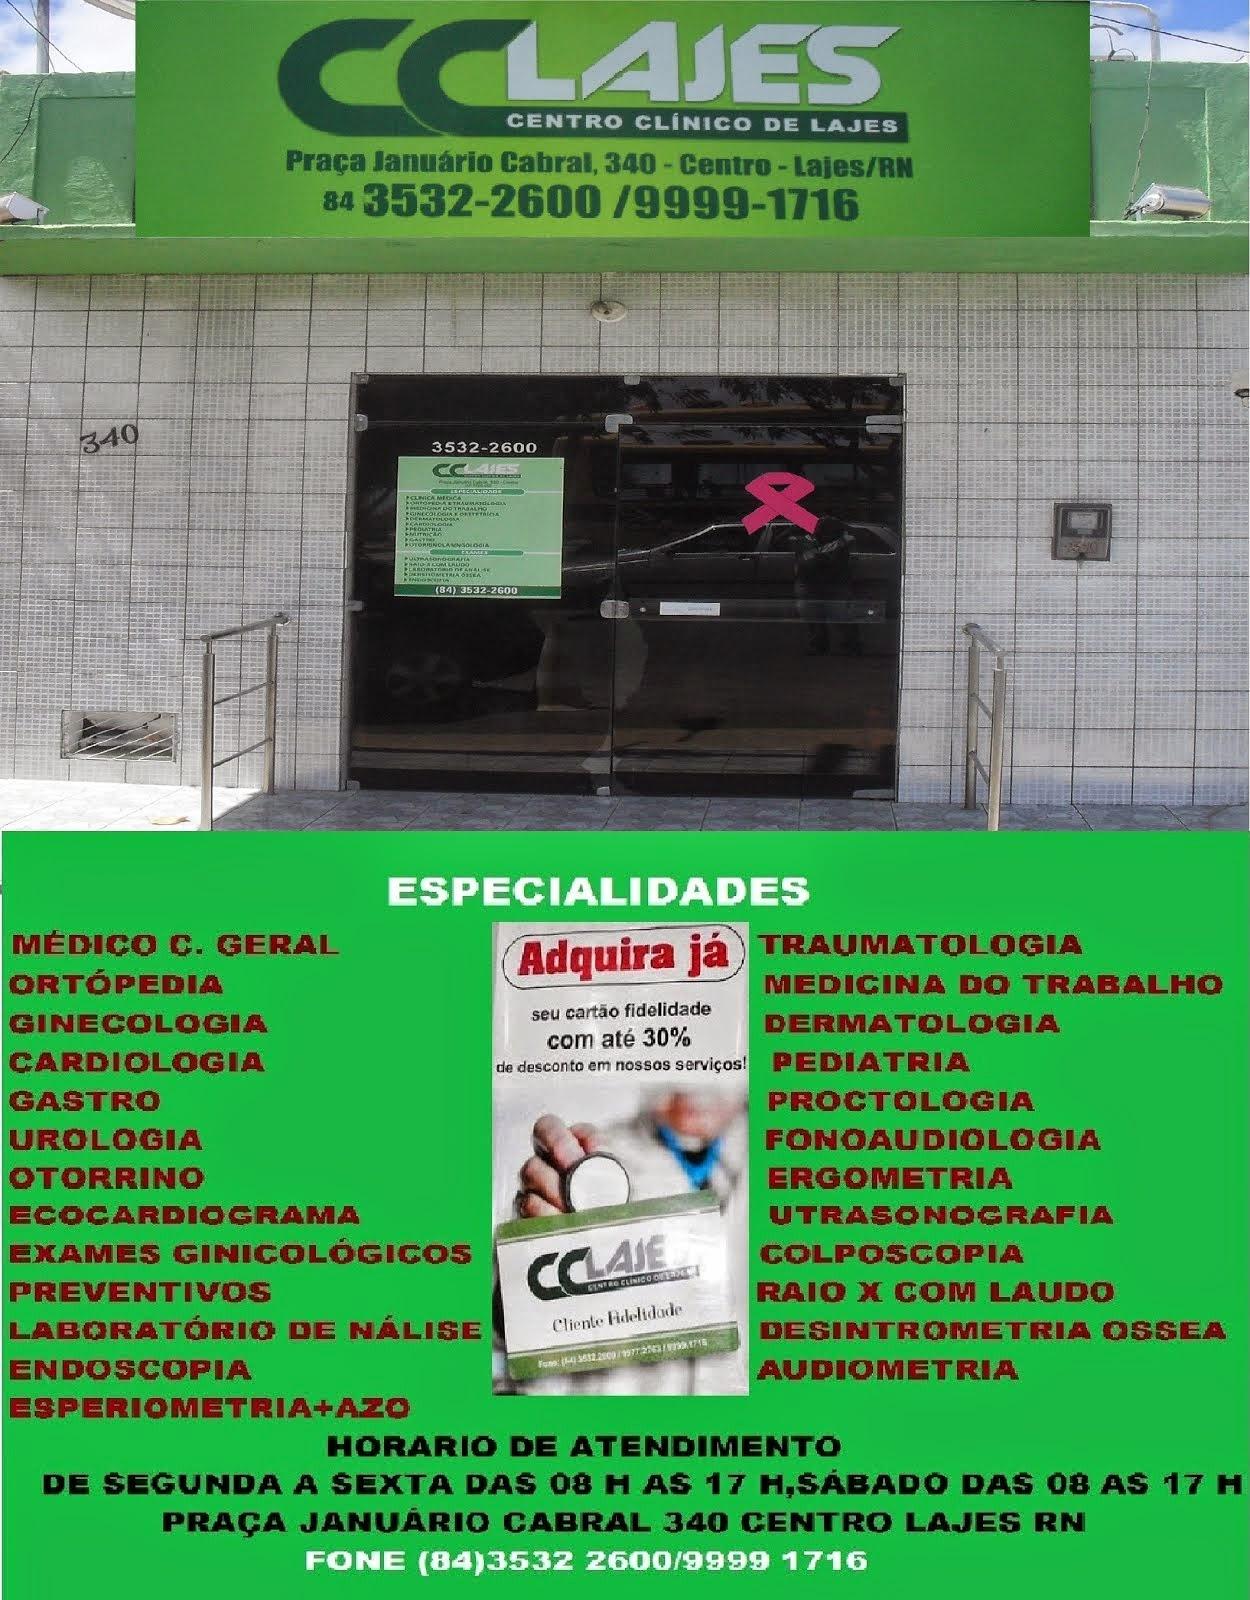 CENTRO CLINICO DE LAJES CLINICA MÉDICA E ORTOPÉDICA ESPECIALIZADA EM SAÚDE.